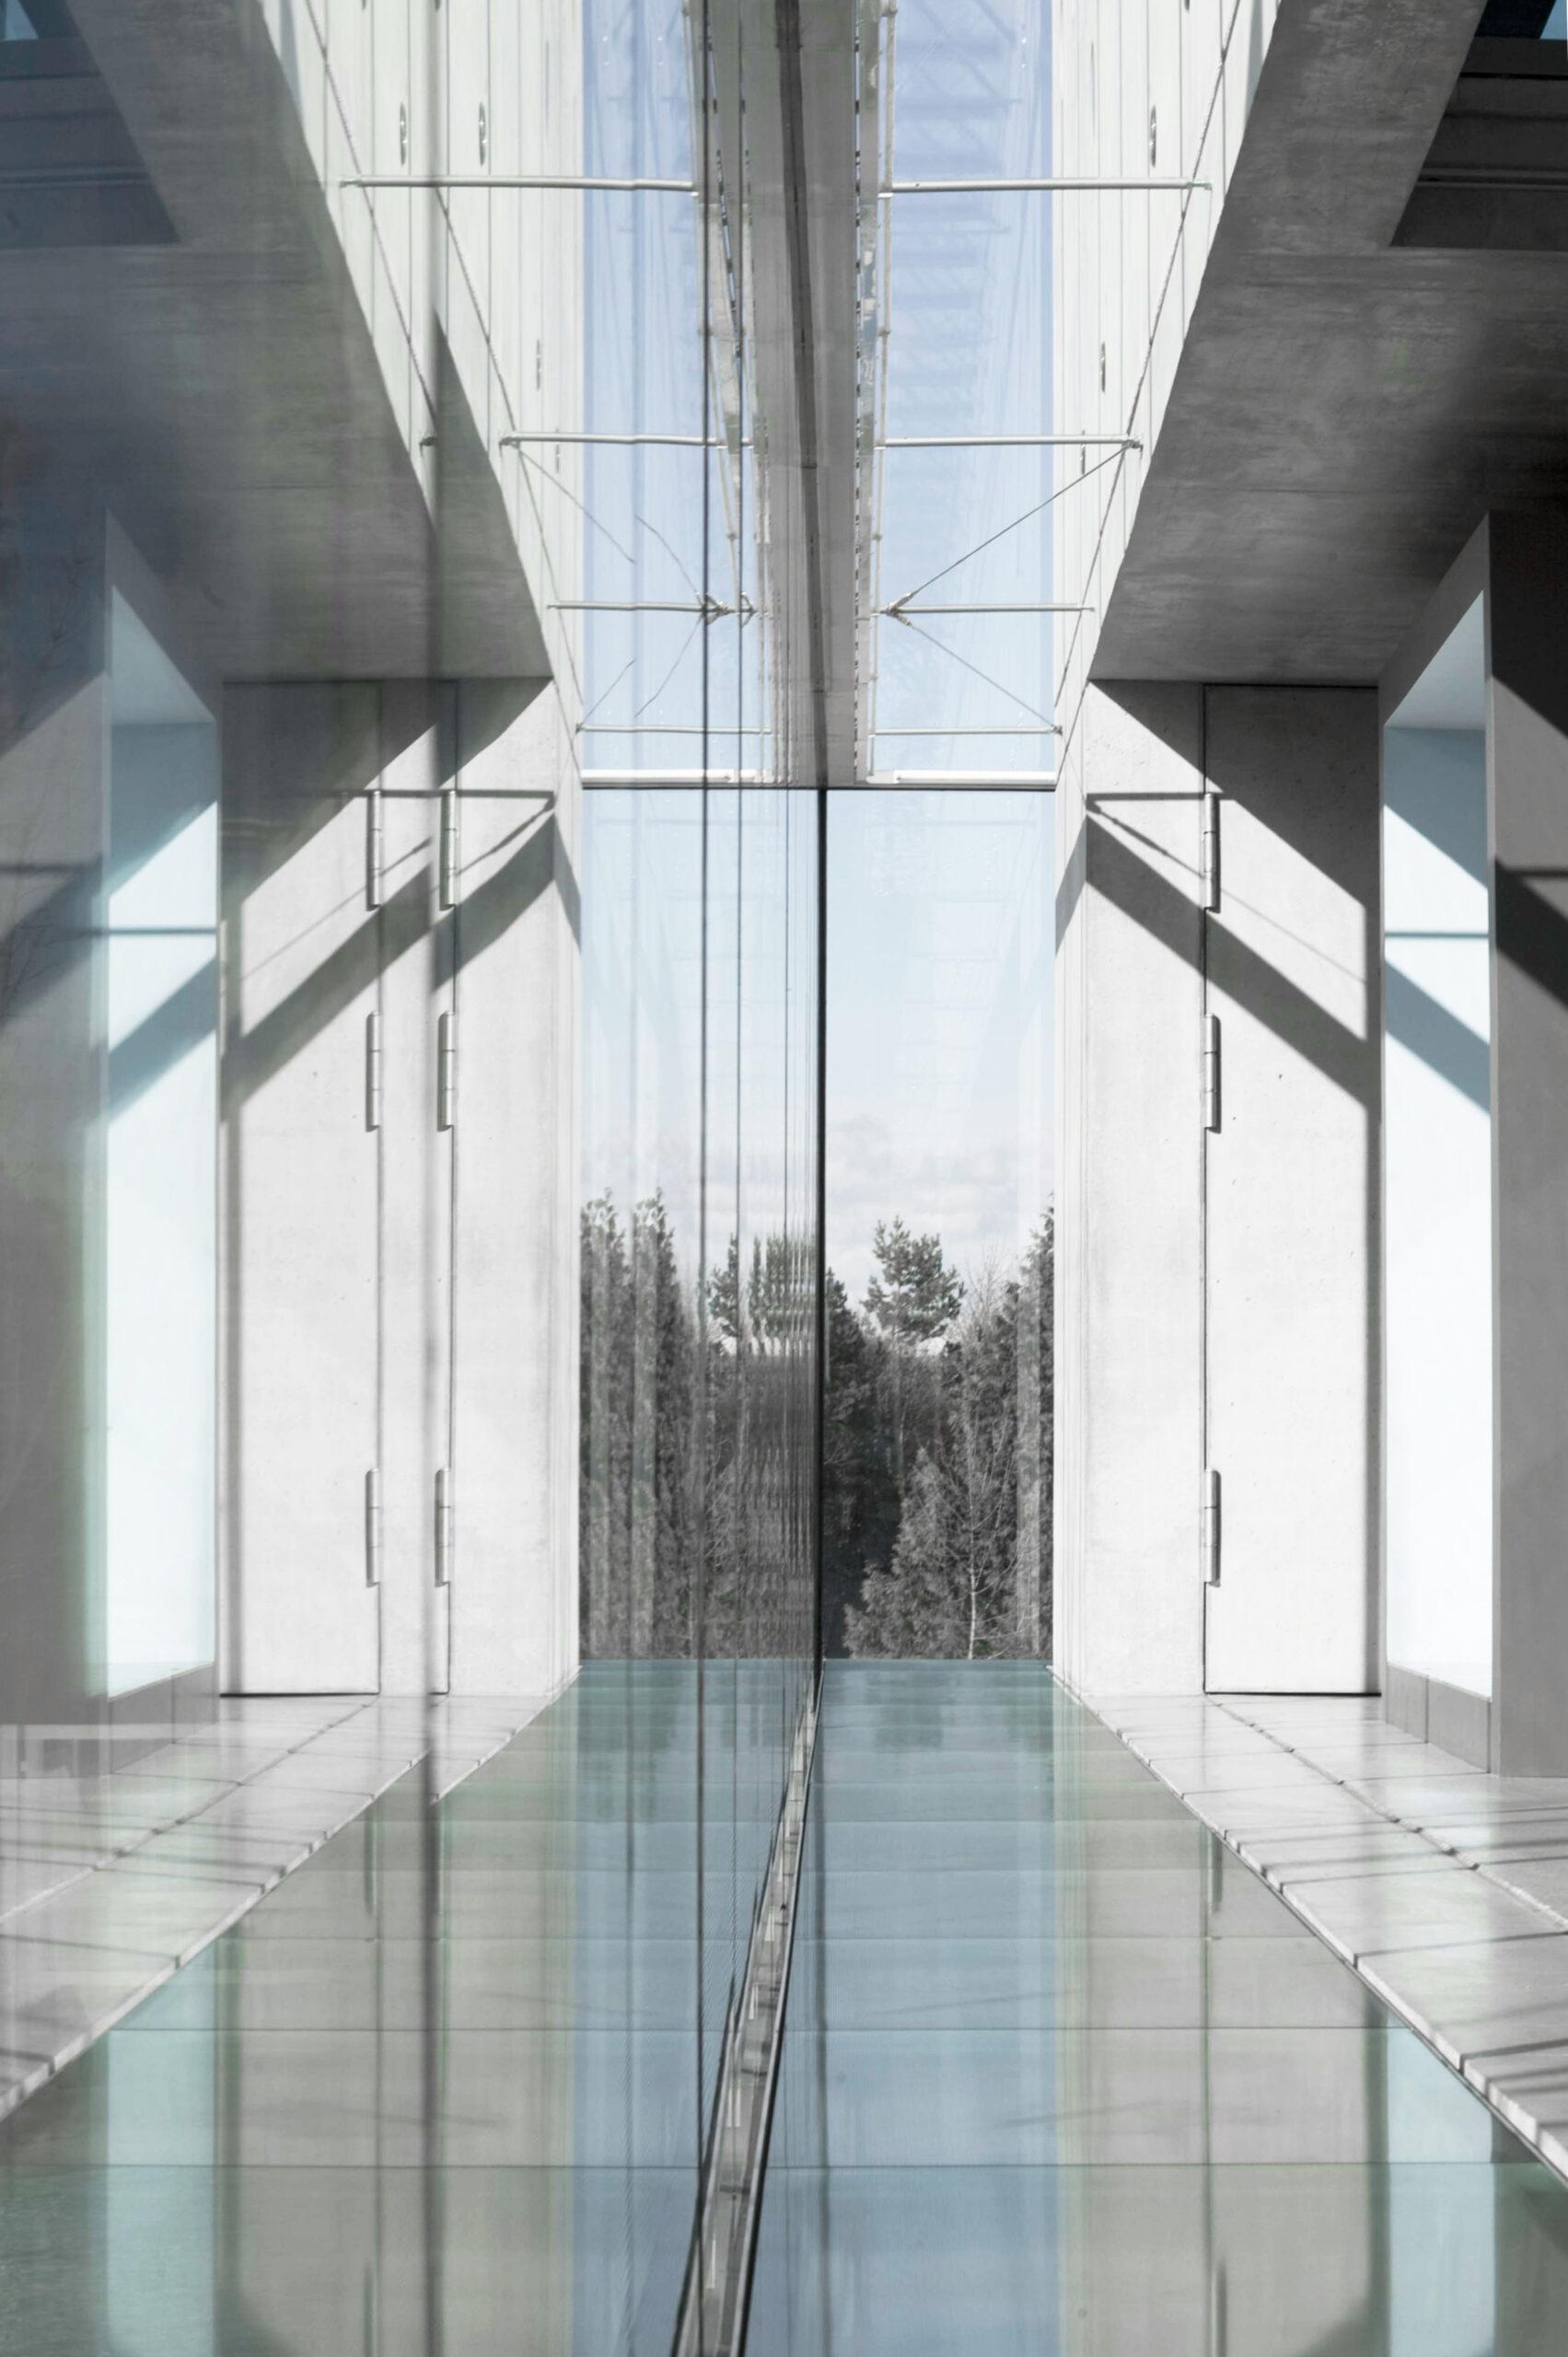 Michael-Becker-Architects-Architekten-Kompetenzzentrum-t-07